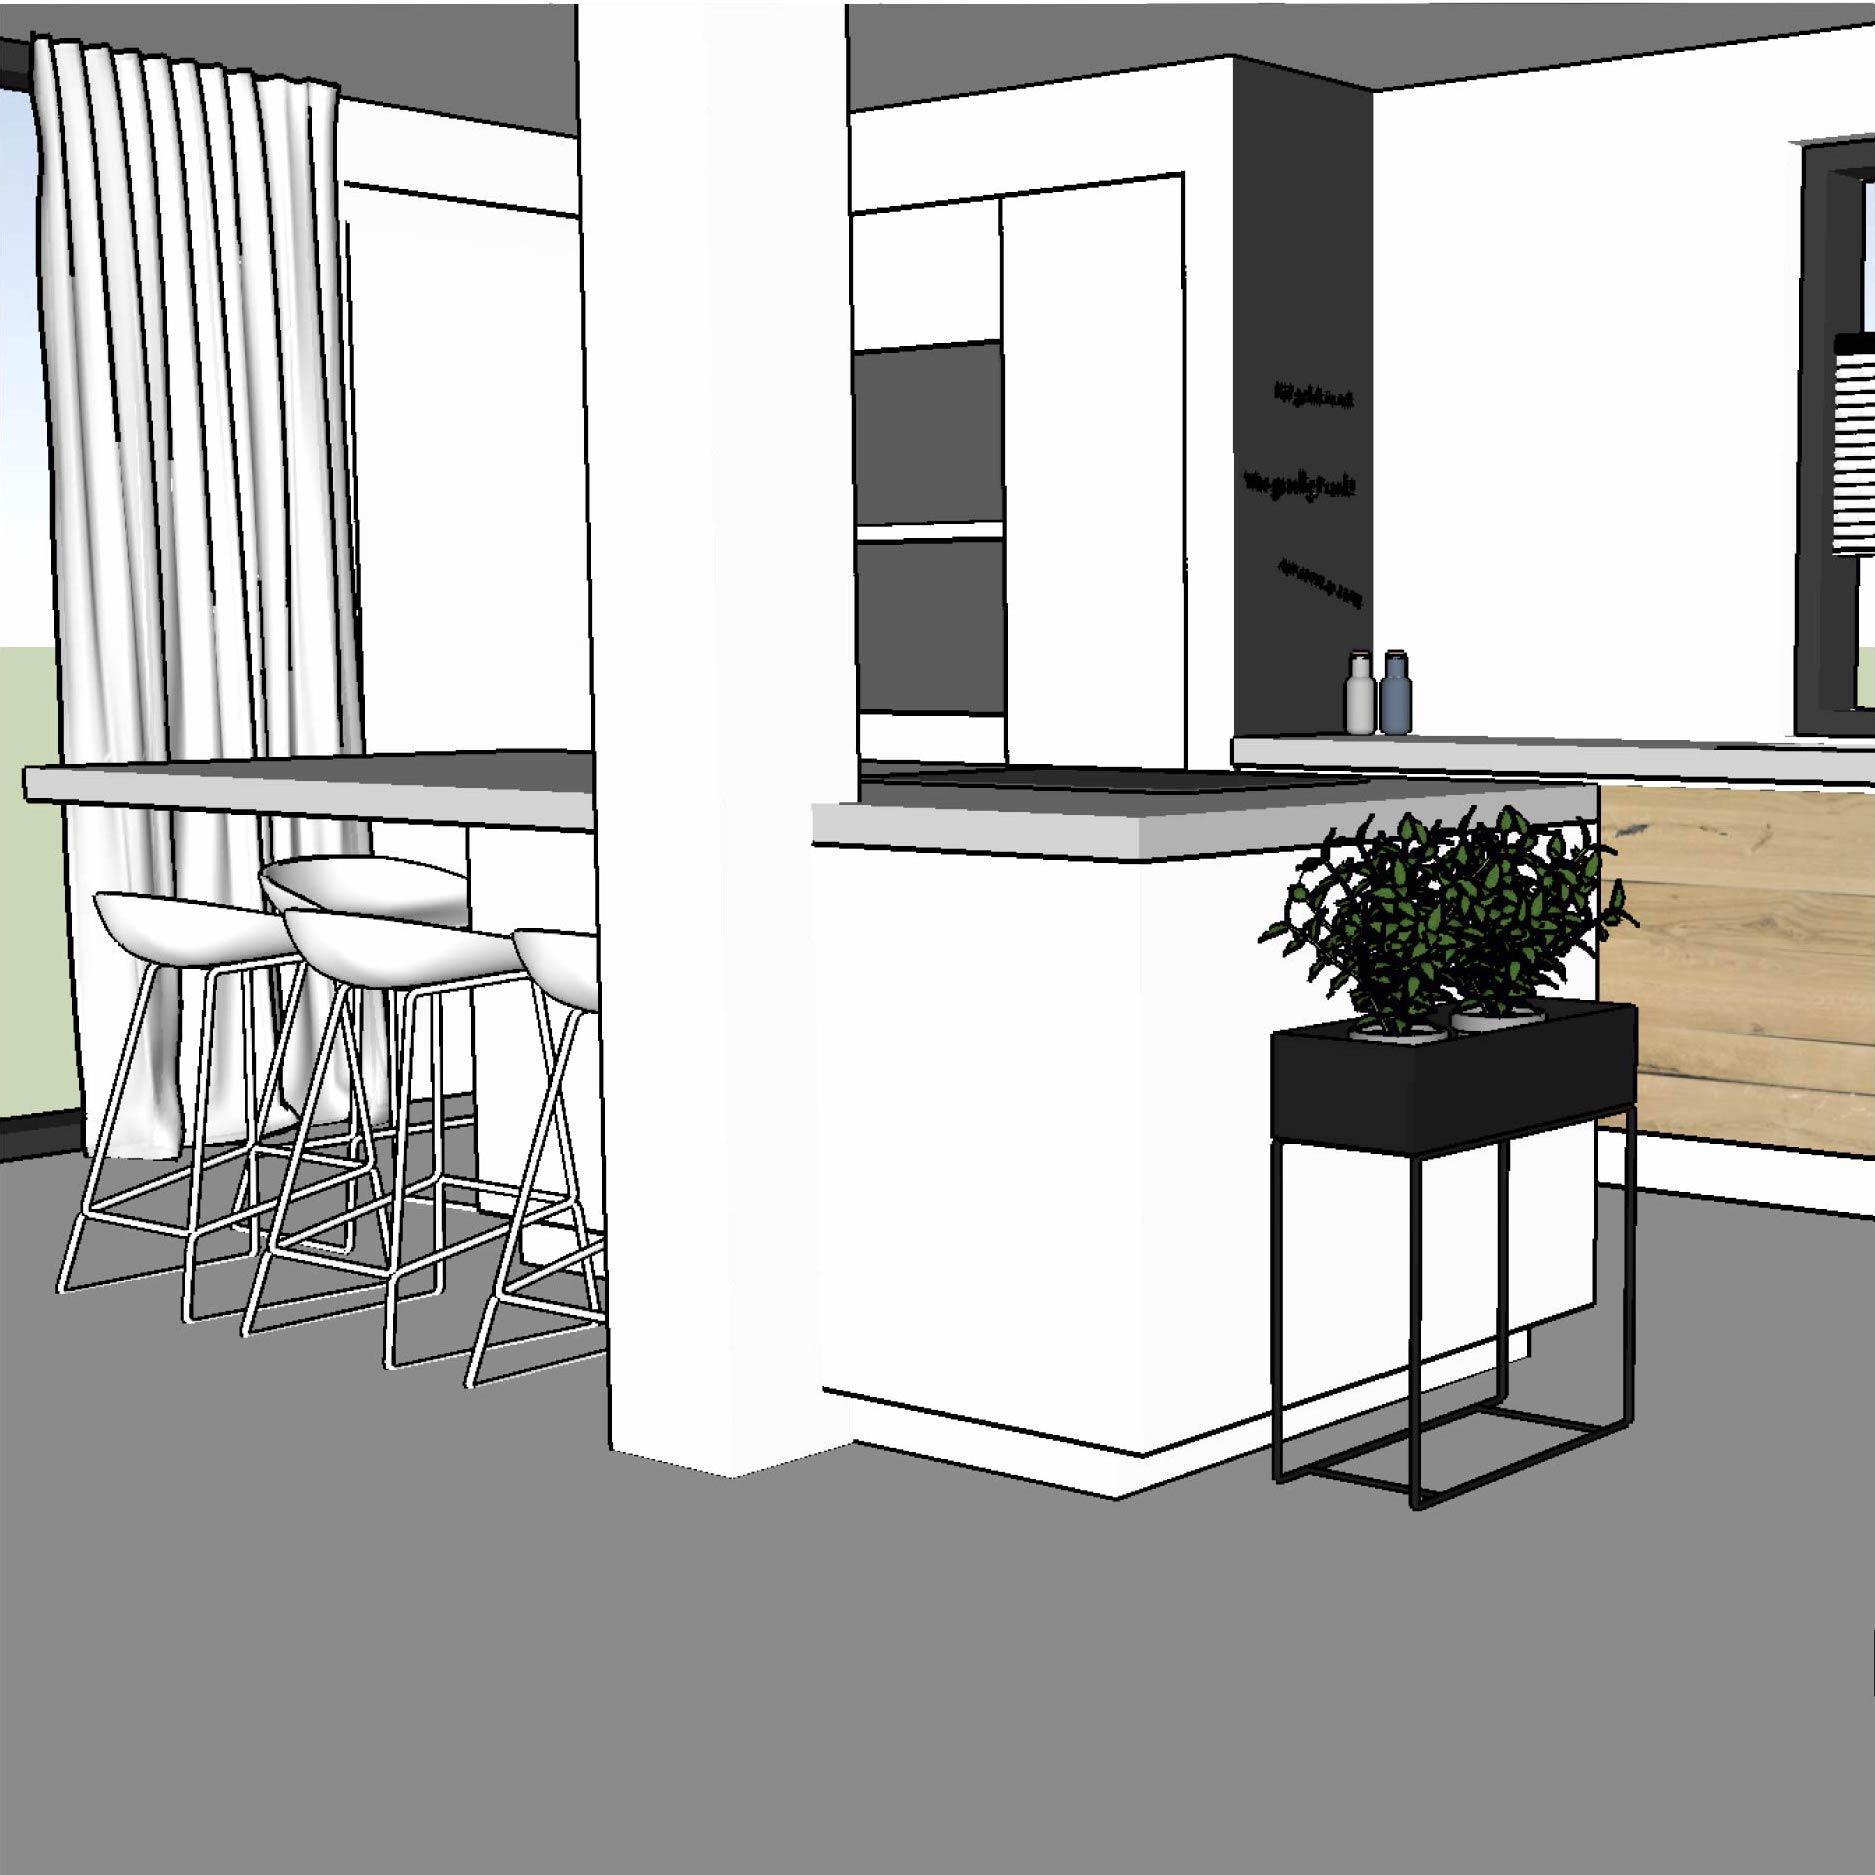 HUISMERCK-3D-ontwerp-interieurontwerp-project-modern-industrieel.jpg